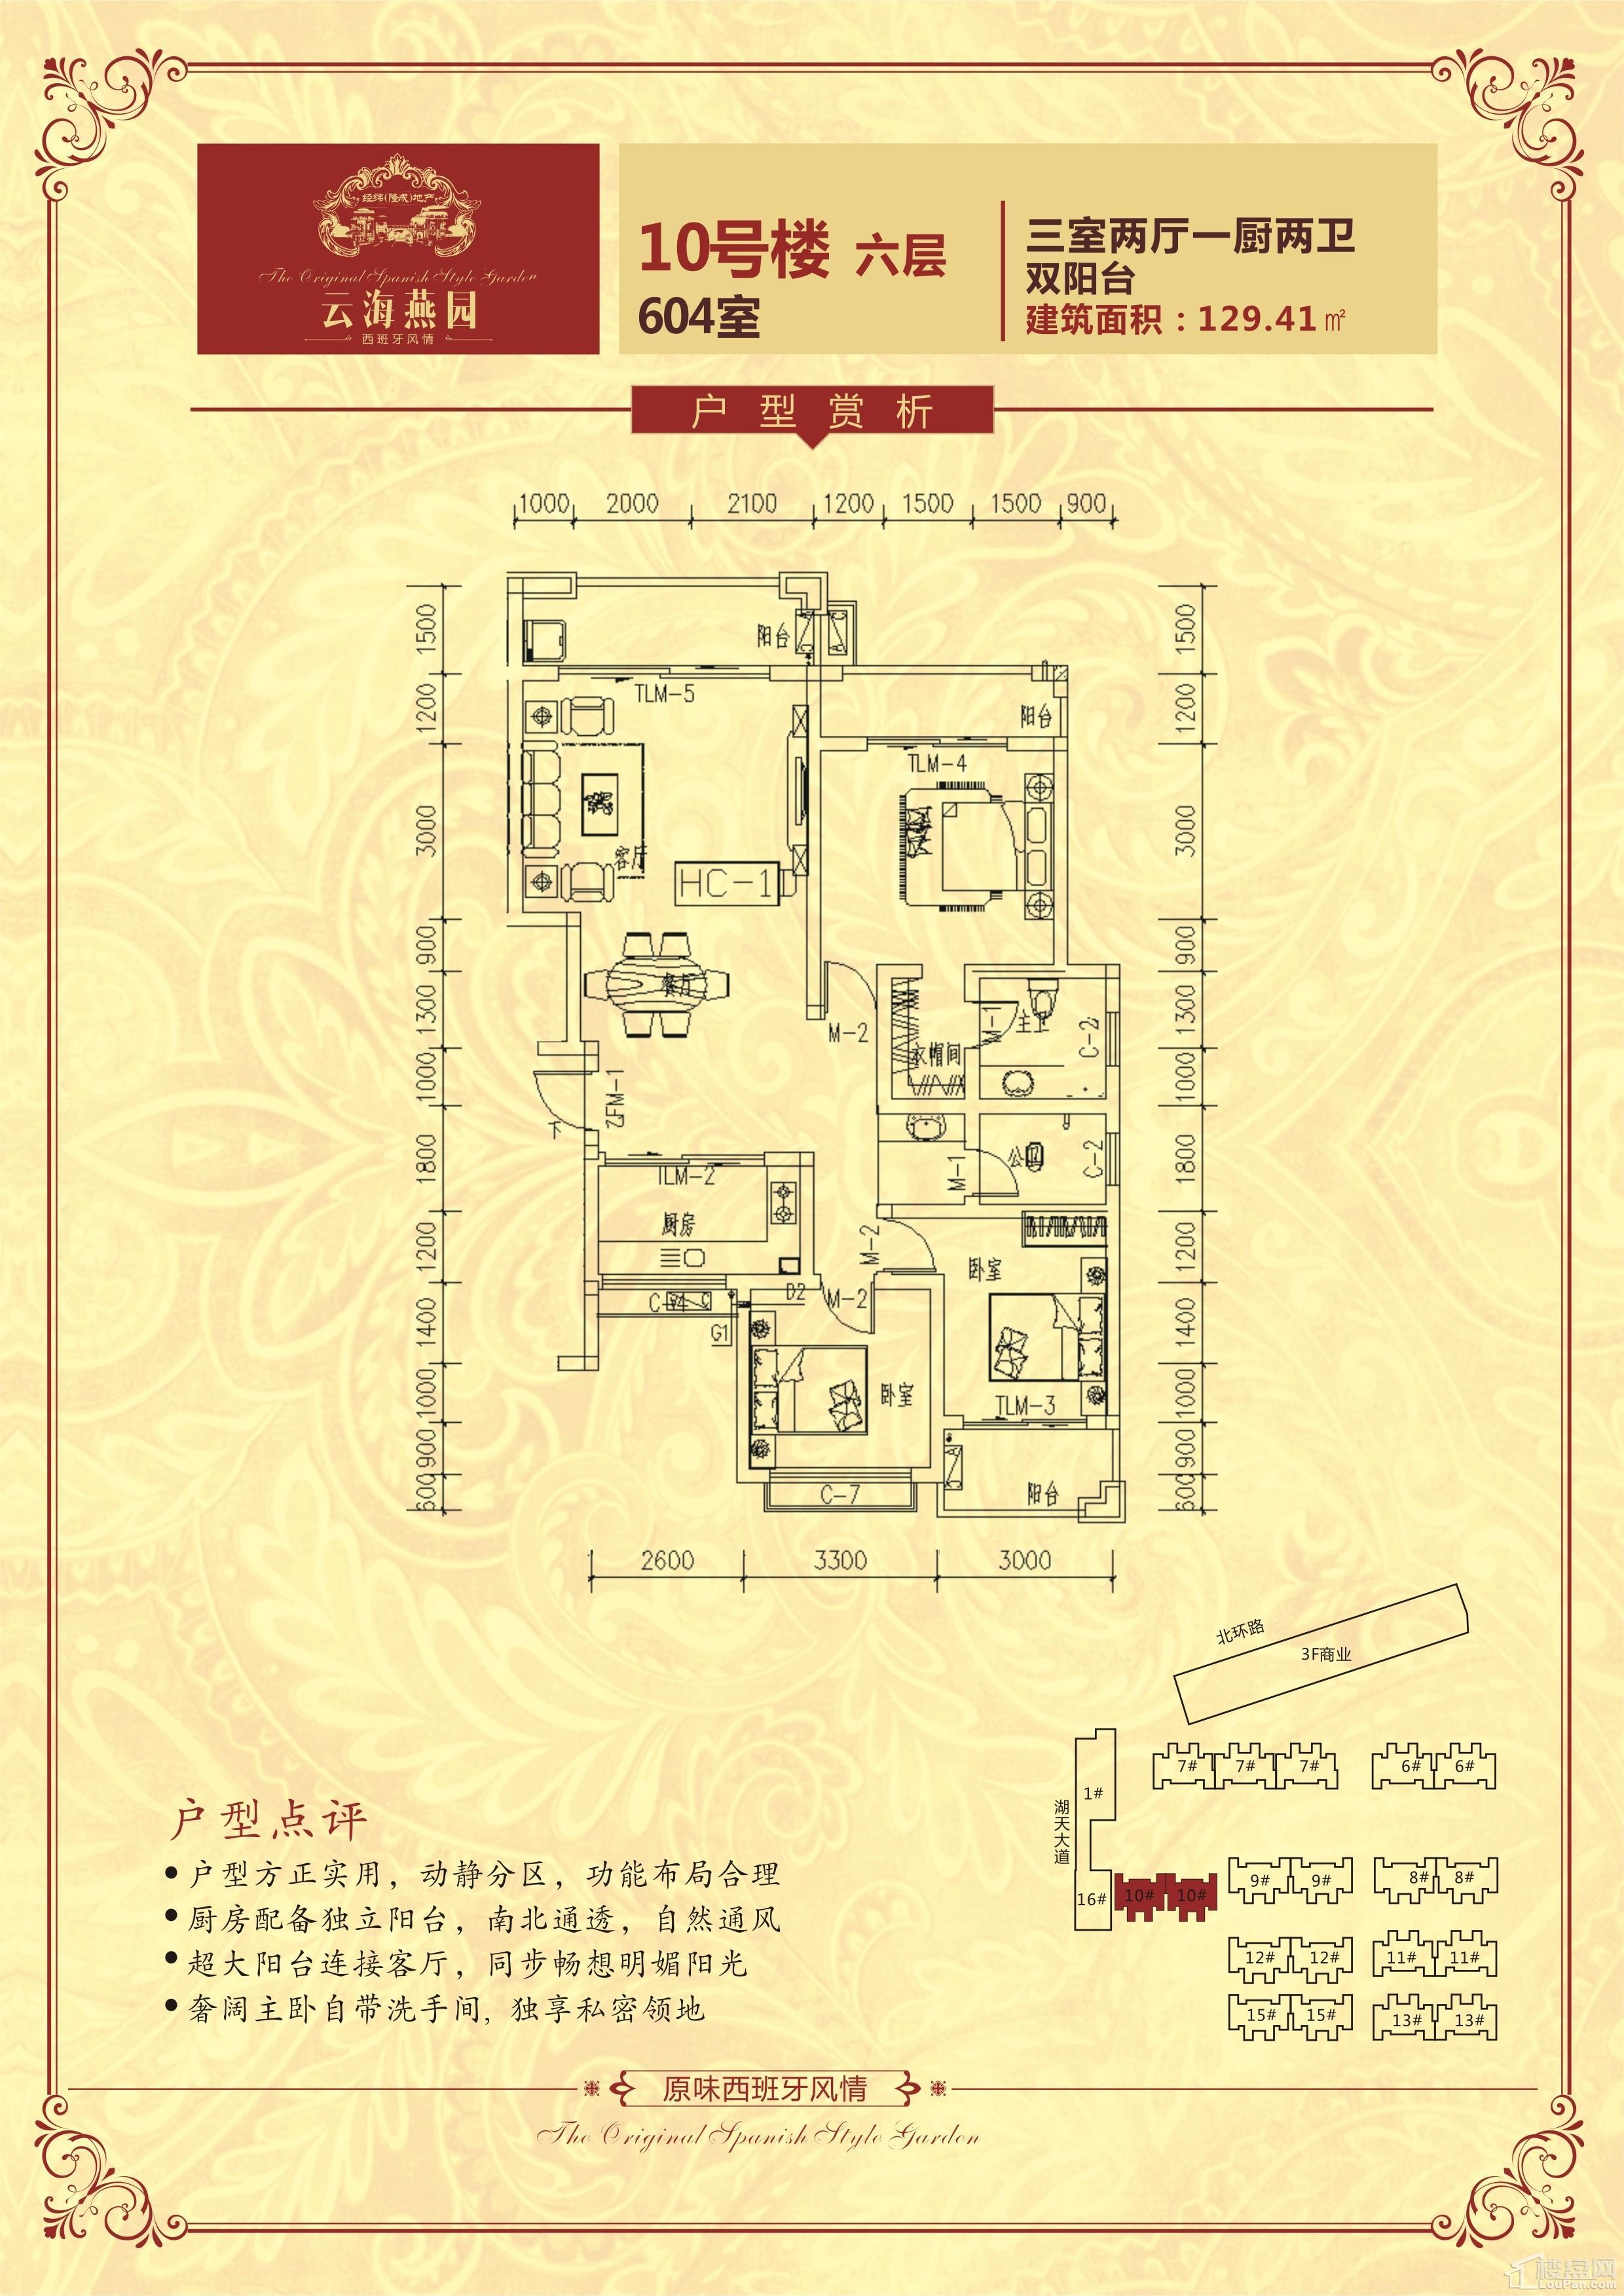 户型(10号楼)六层